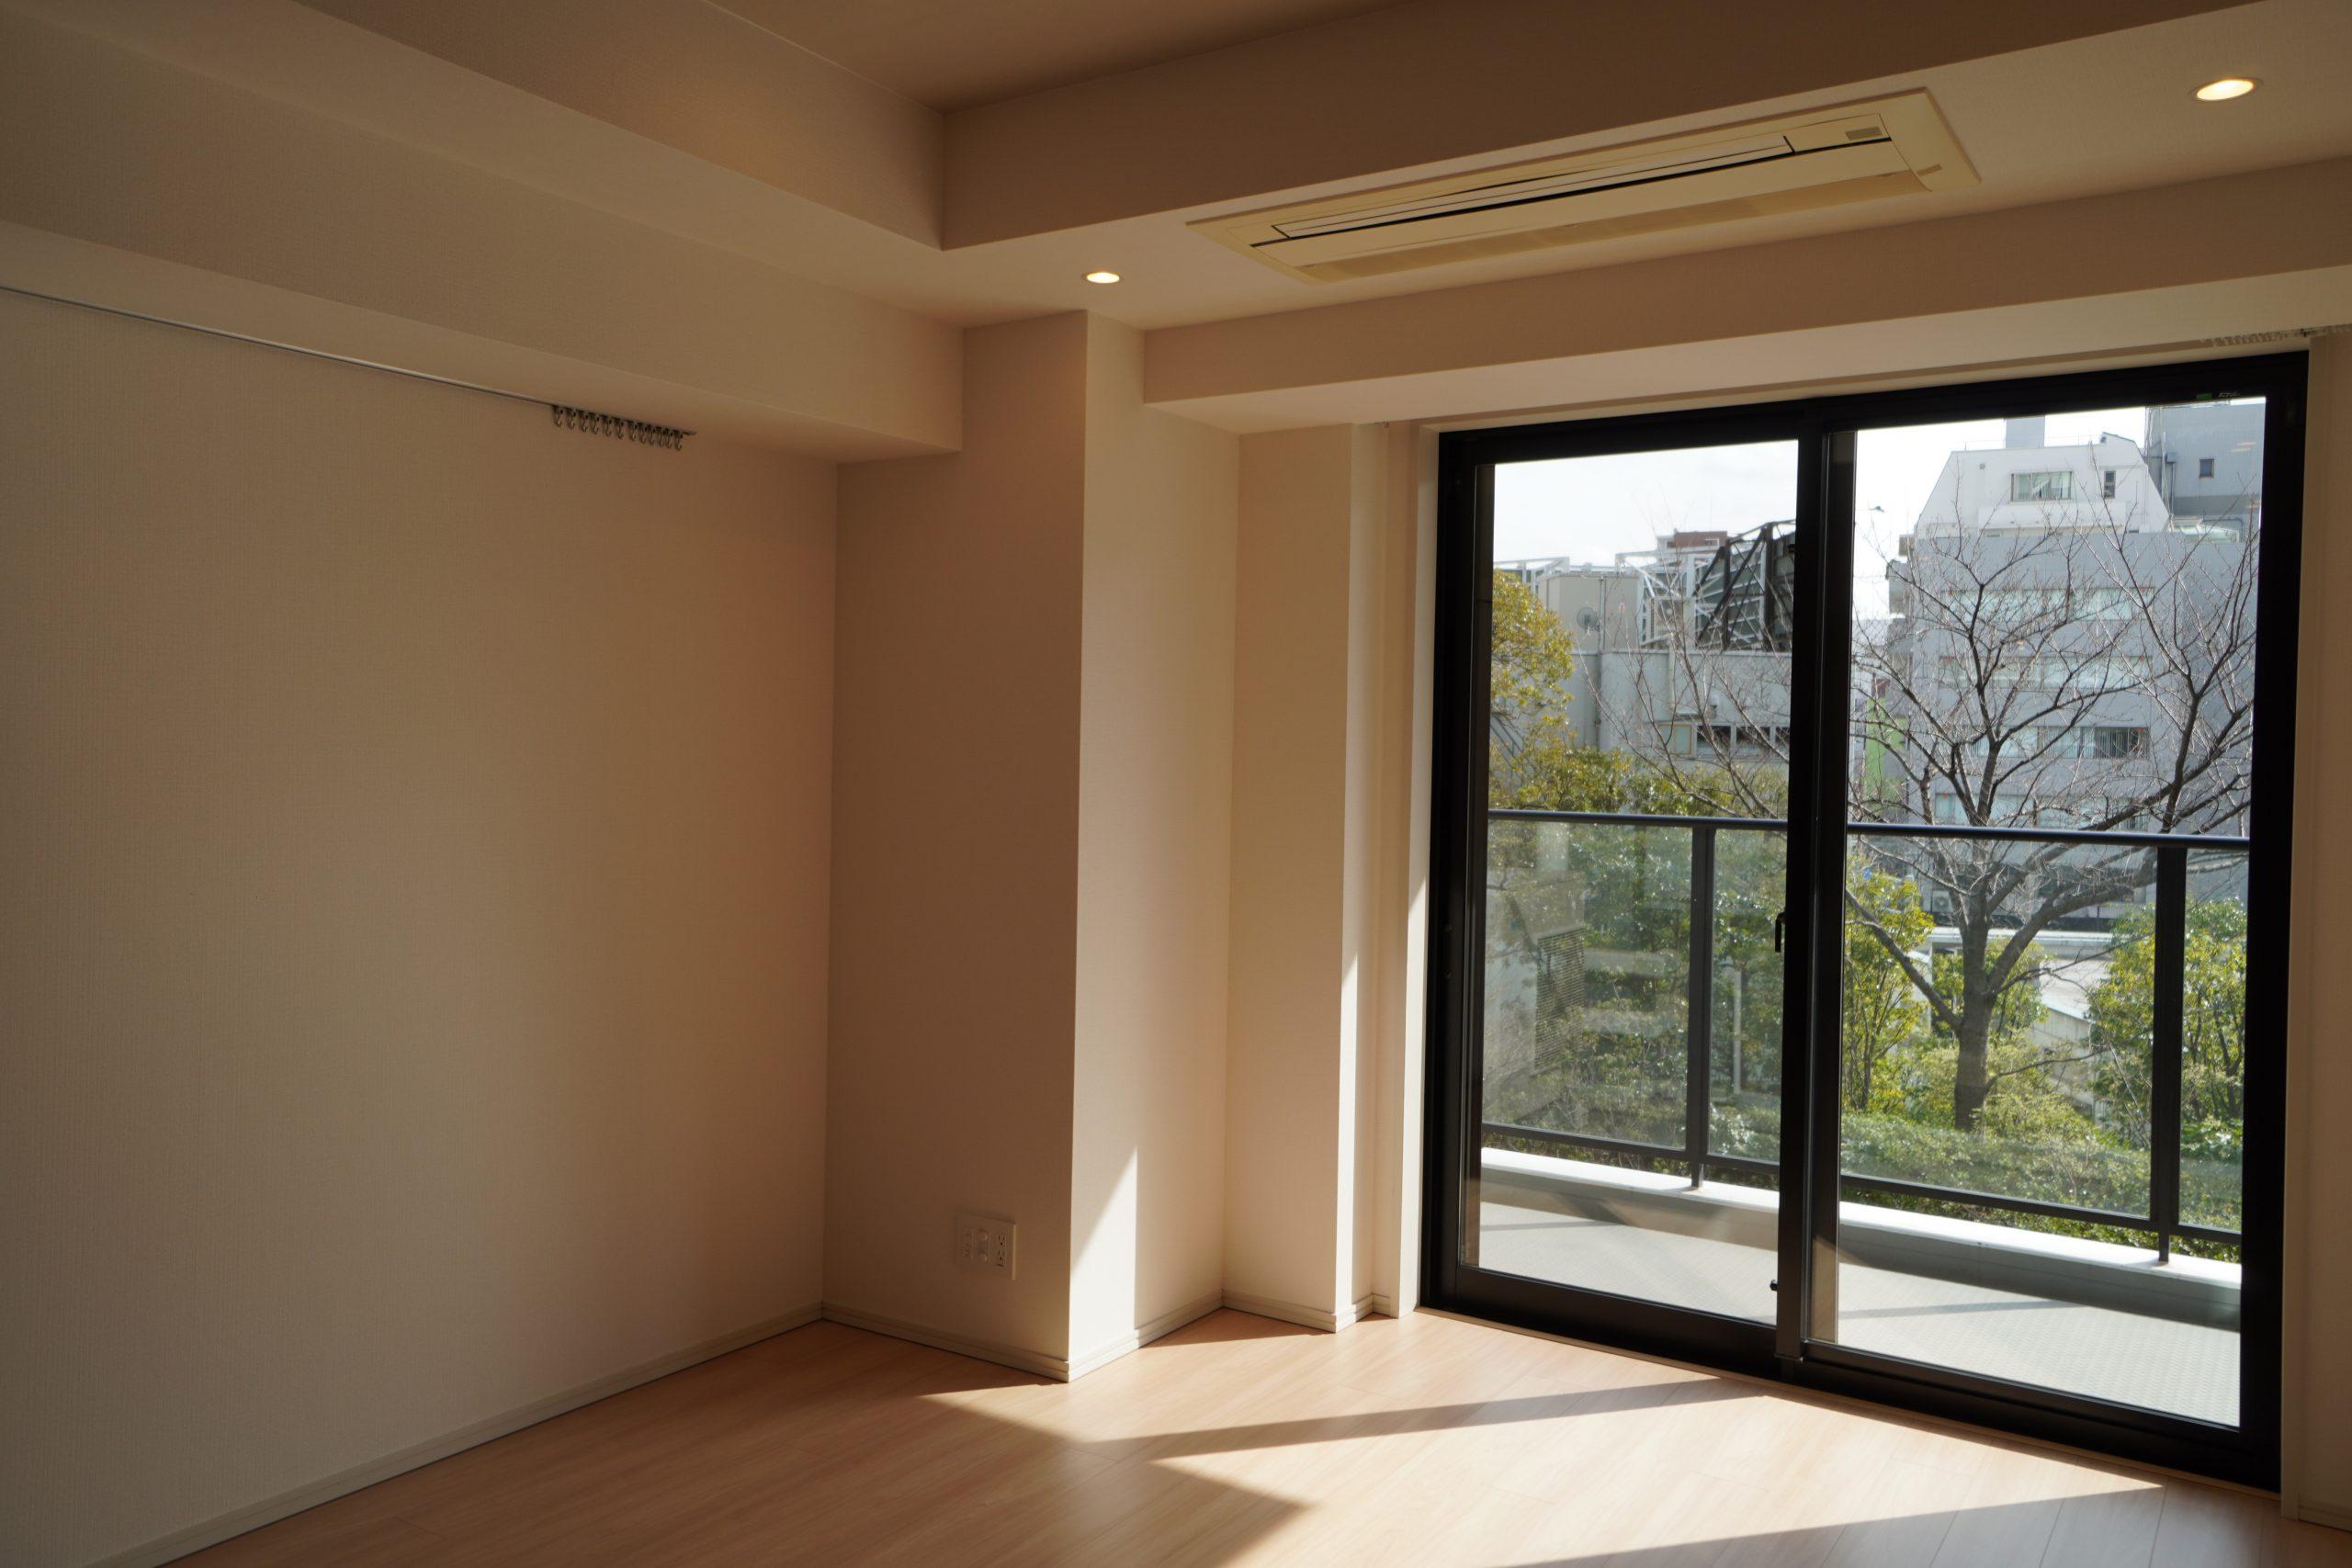 コンフォリア新宿イーストサイドタワー 214の写真4